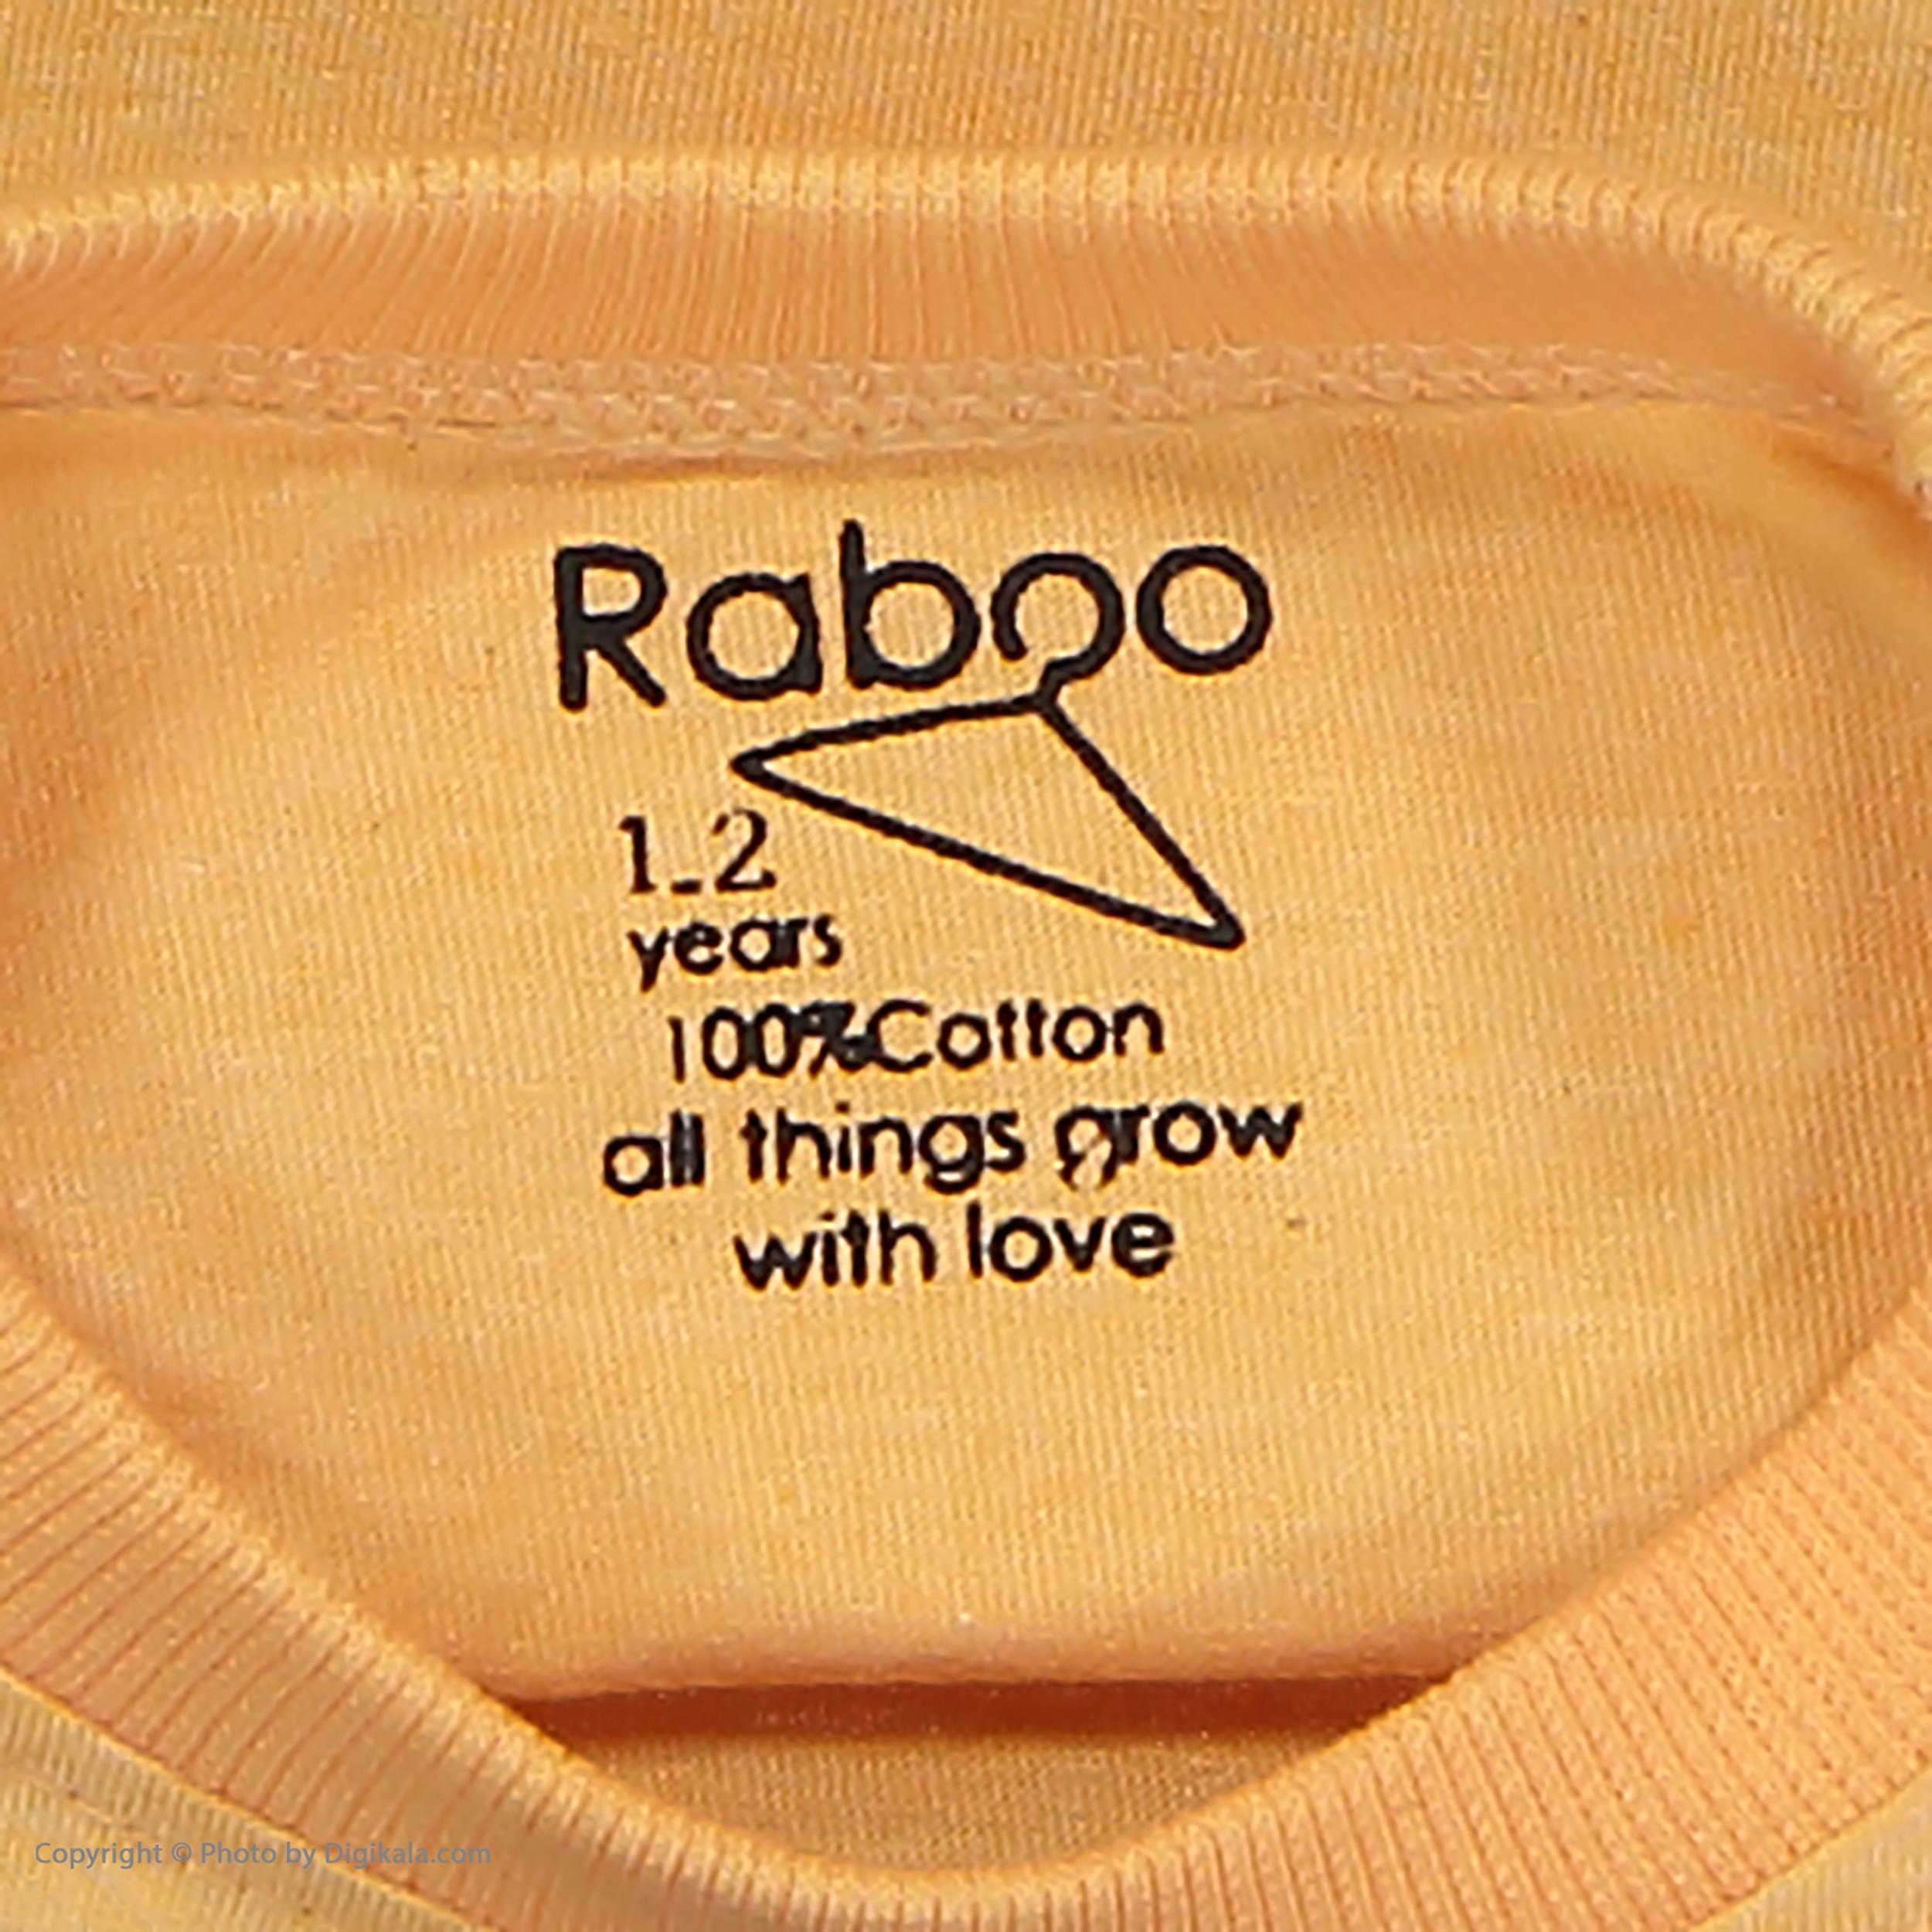 ست تی شرت و شلوار دخترانه رابو مدل 2051125-23 -  - 5